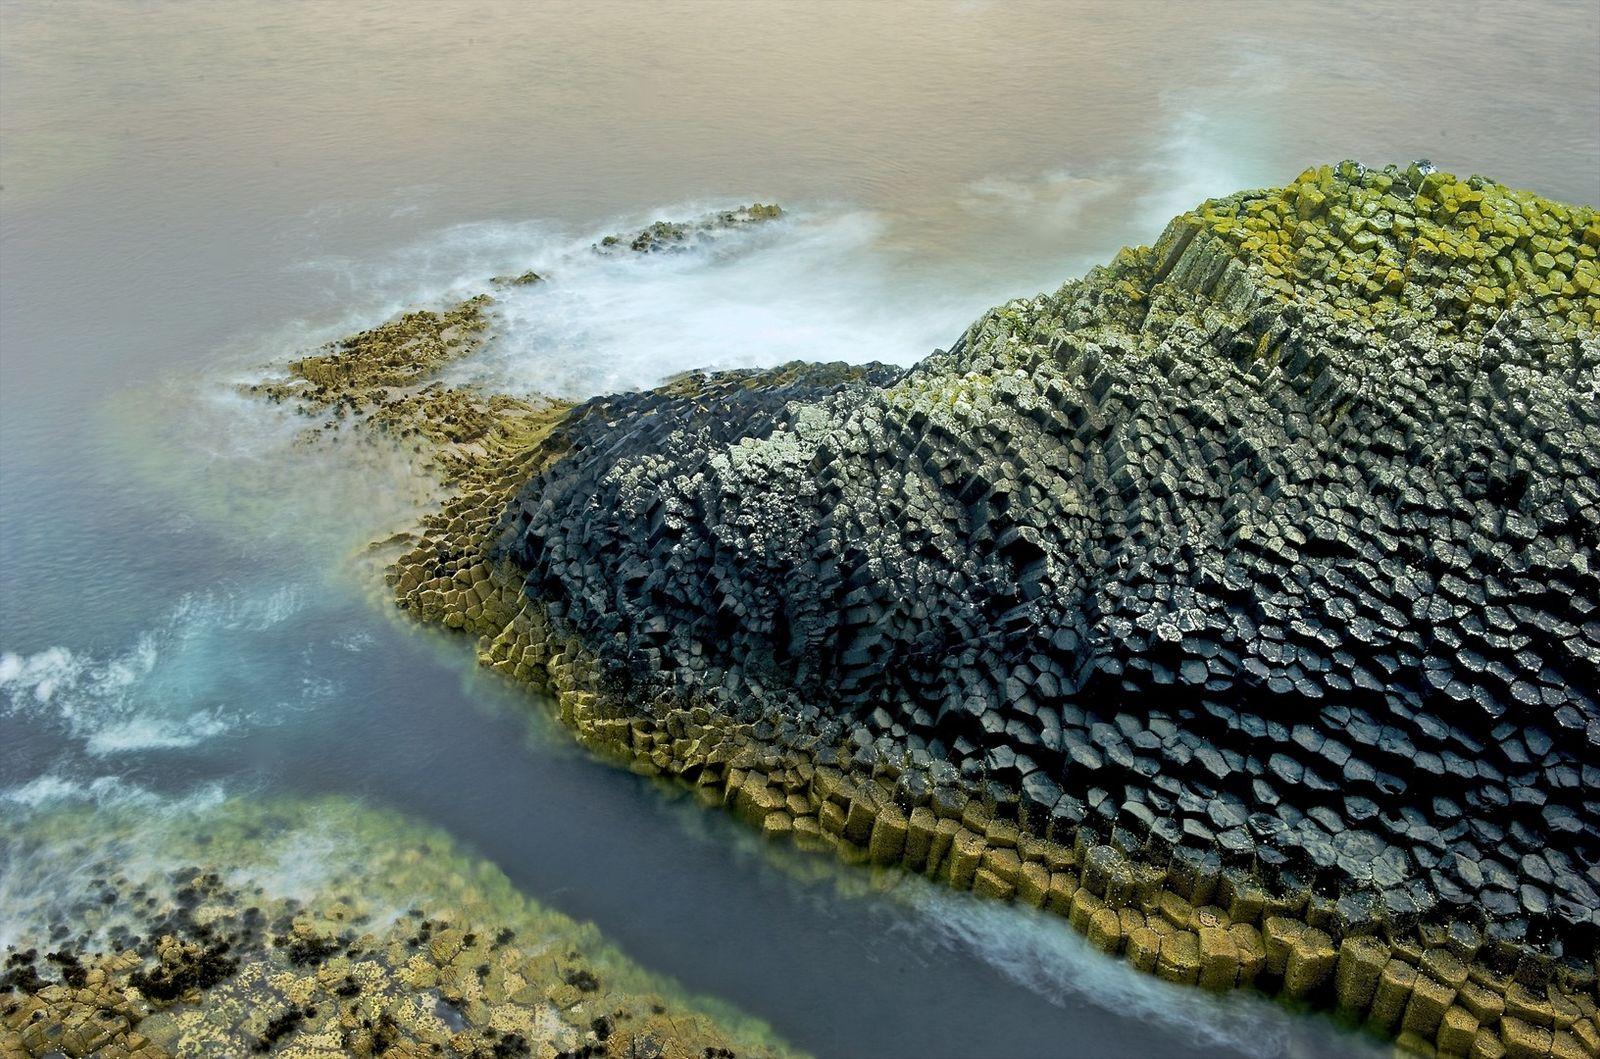 Insel Staffa, Innere Hebriden. Staffa – die nur per Boot von den Inseln Mull, Oband oder ...